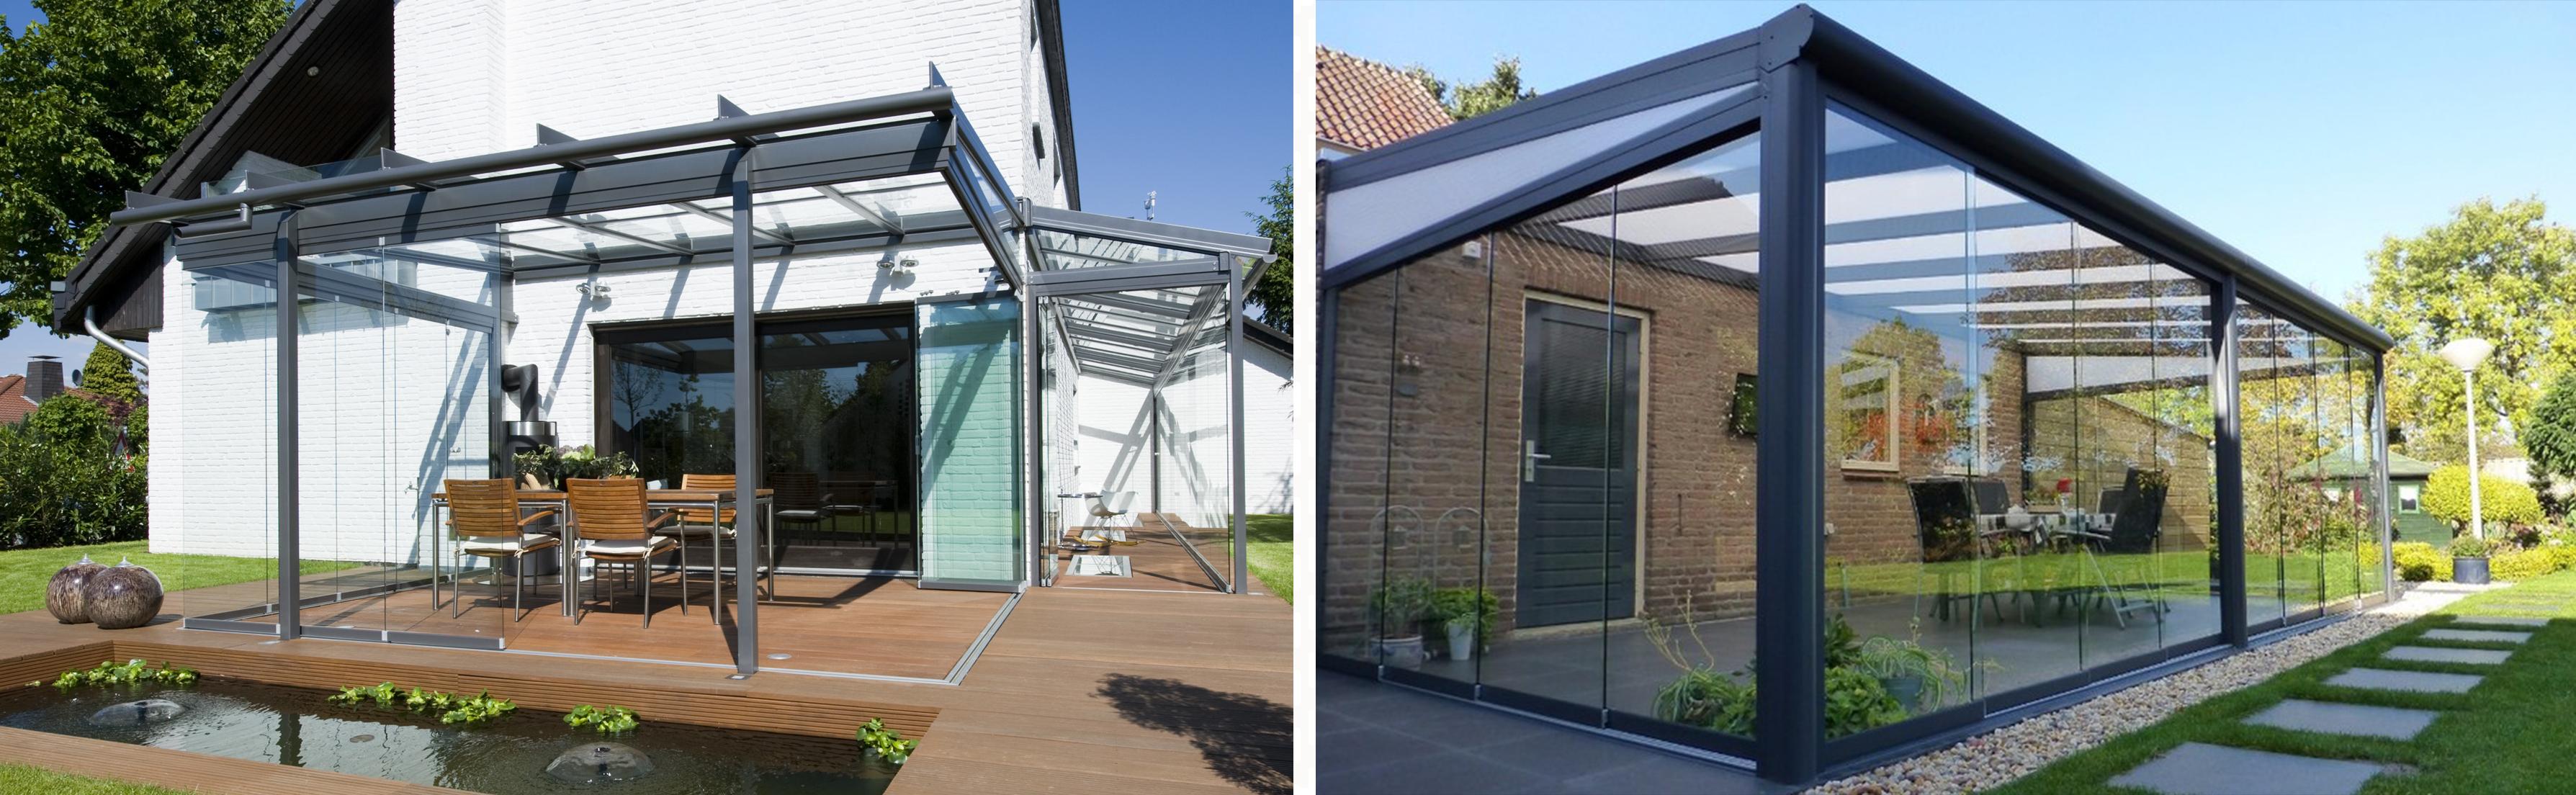 veranda sur mesure en verre (avec images) | Véranda en verre, Verriere de toit, Decoration exterieur